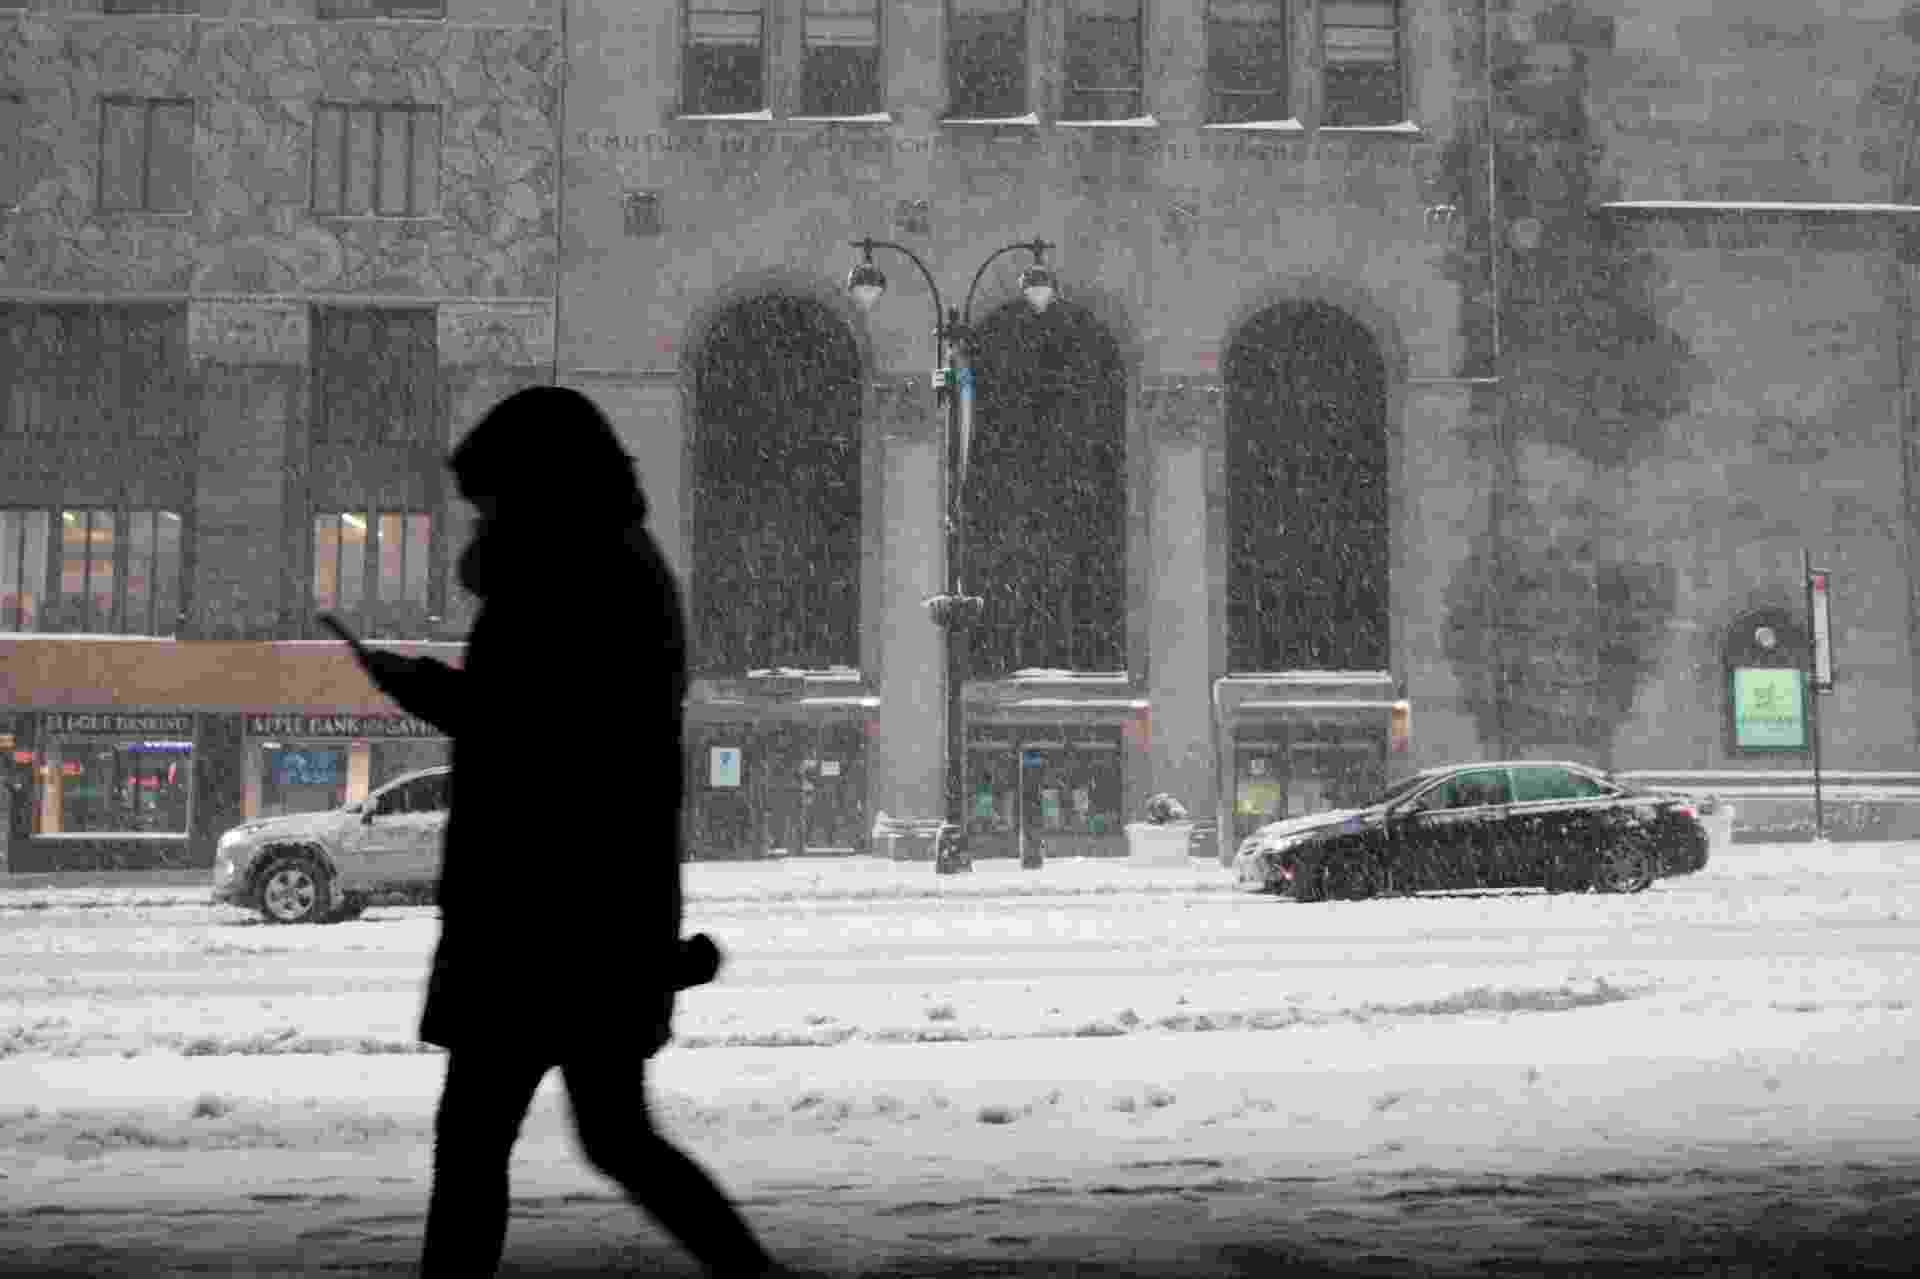 01.fev.21 - Pessoa caminha durante nevasca em Manhattan, Nova York - SPENCER PLATT/AFP